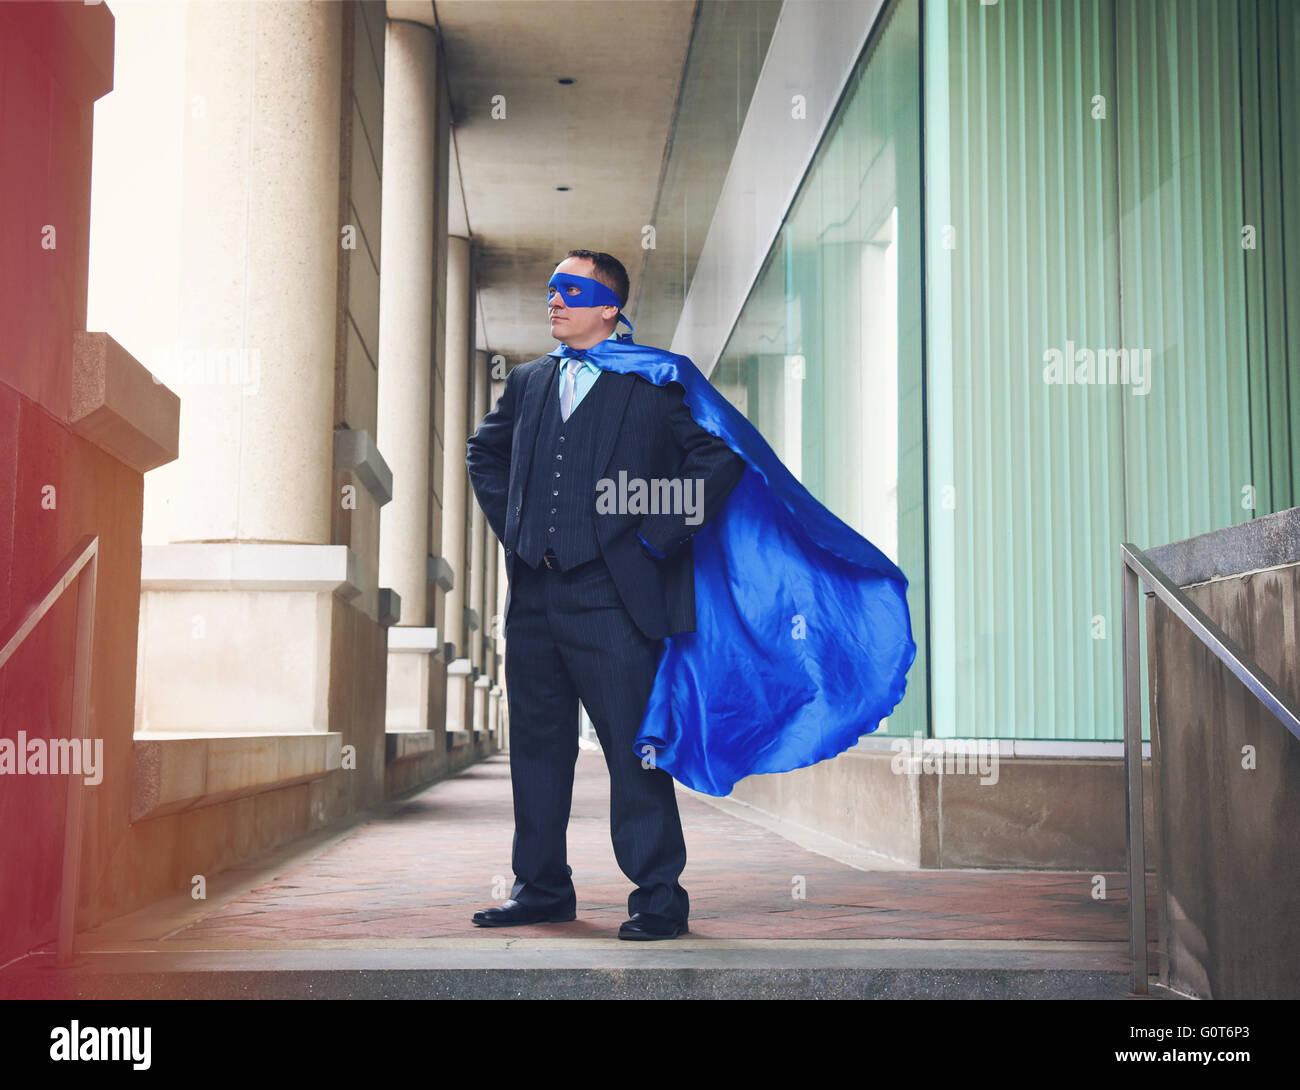 Un super hombre de negocios está llevando a cabo en azul, confiados en la ciudad para un éxito, empresario Imagen De Stock